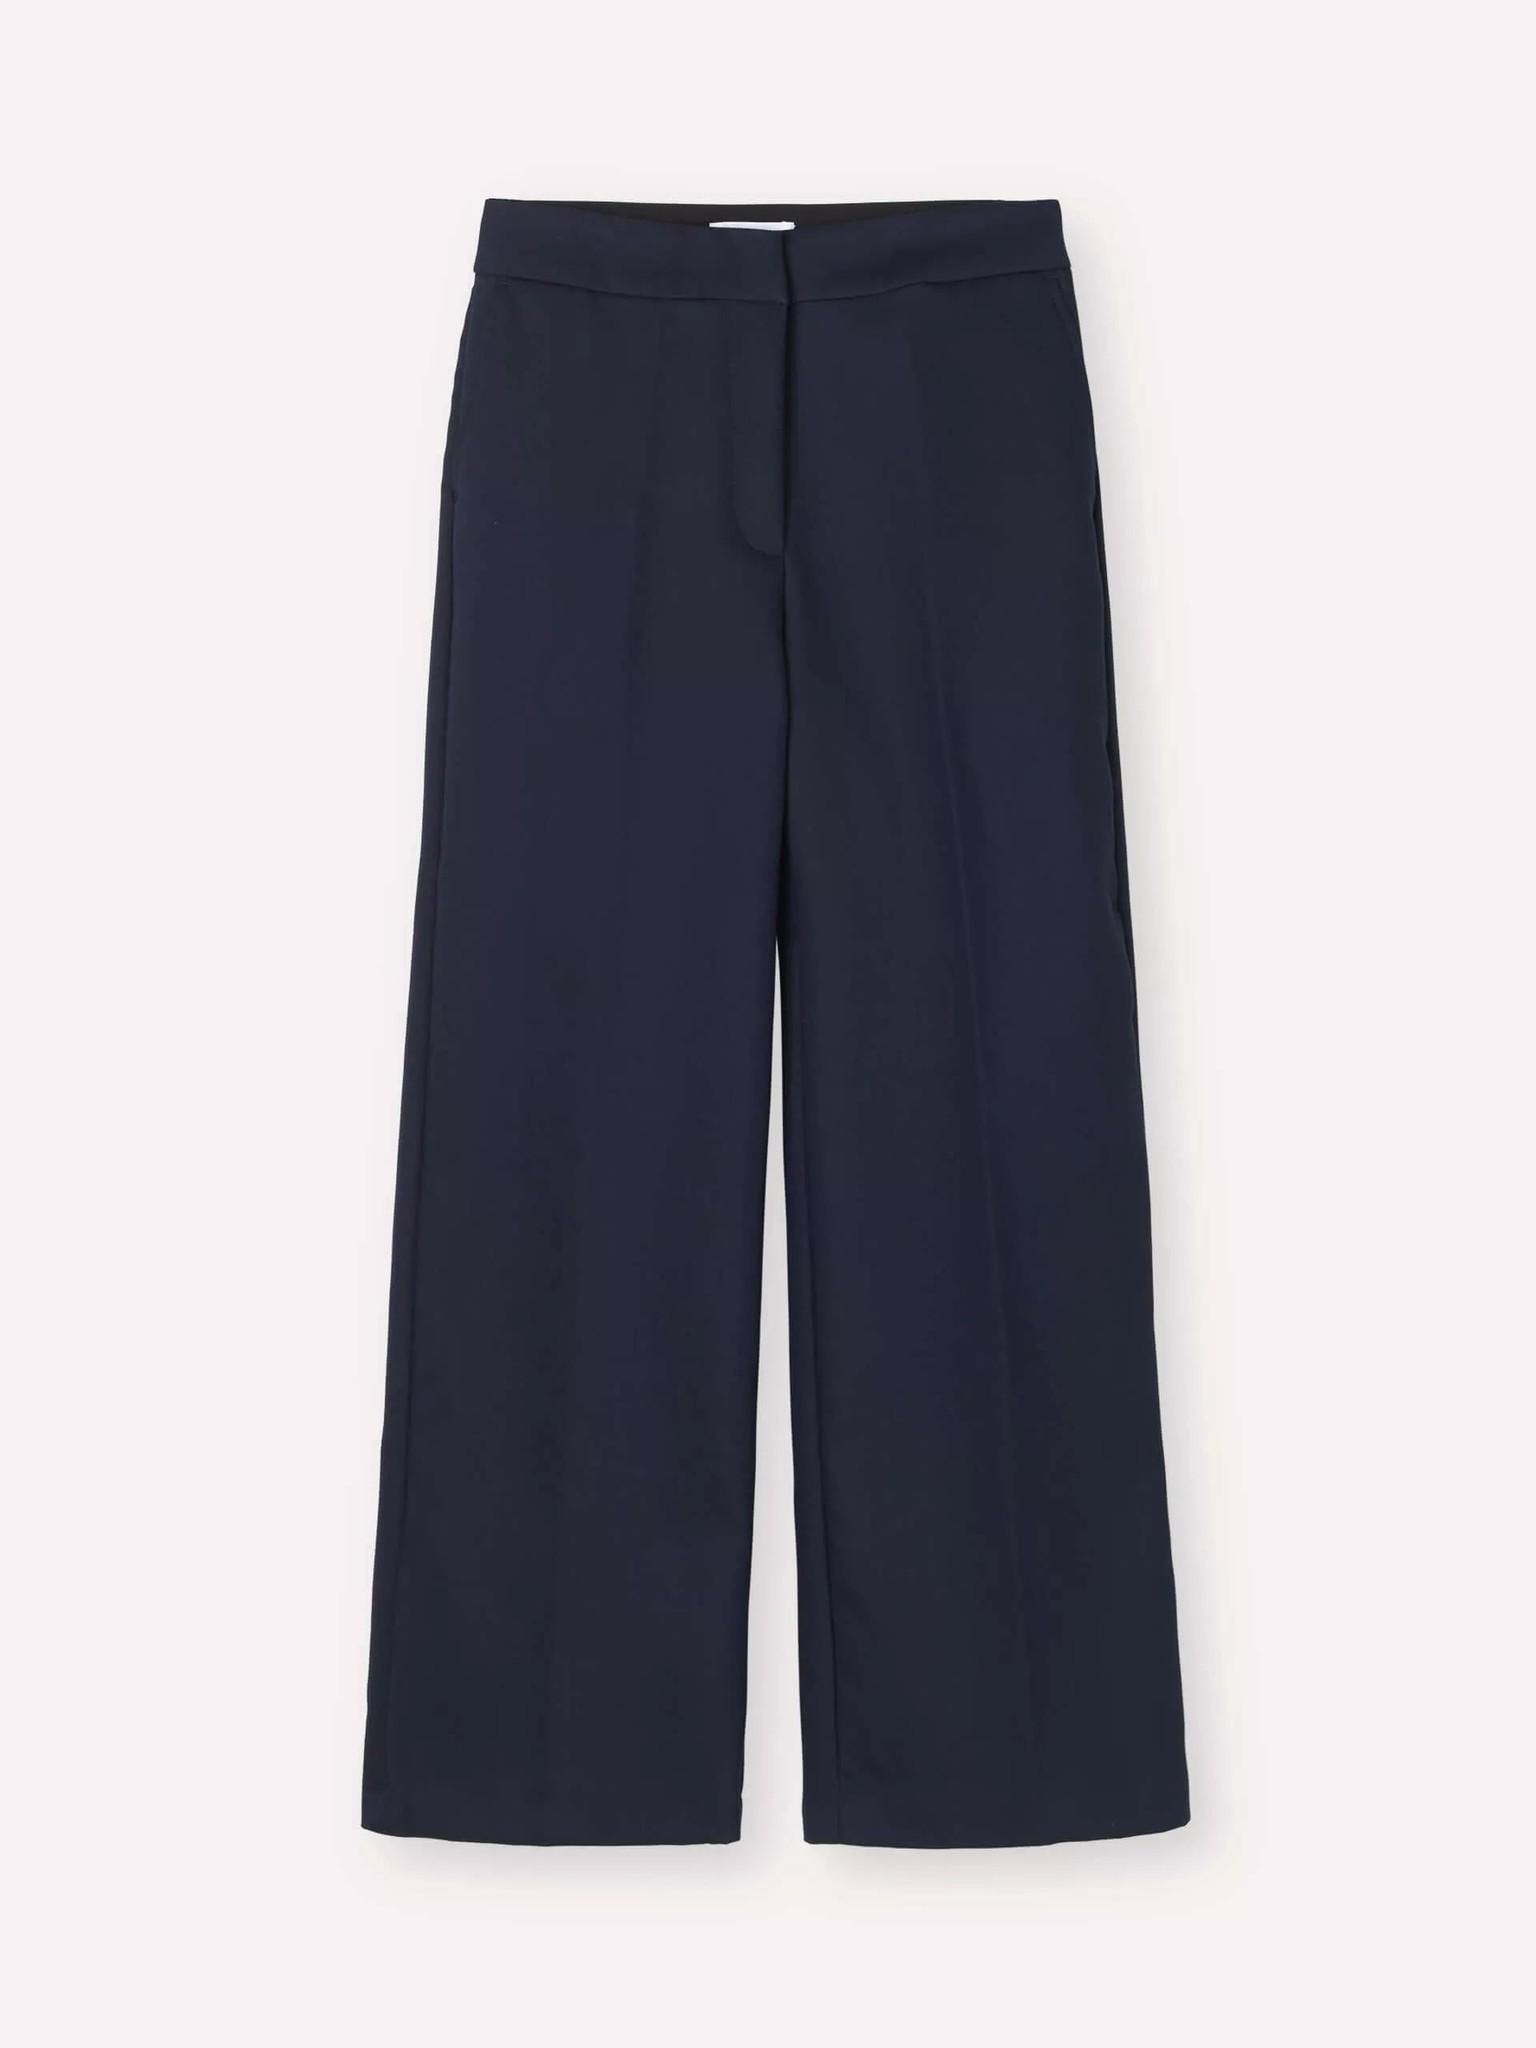 Lark Trousers Navy-1